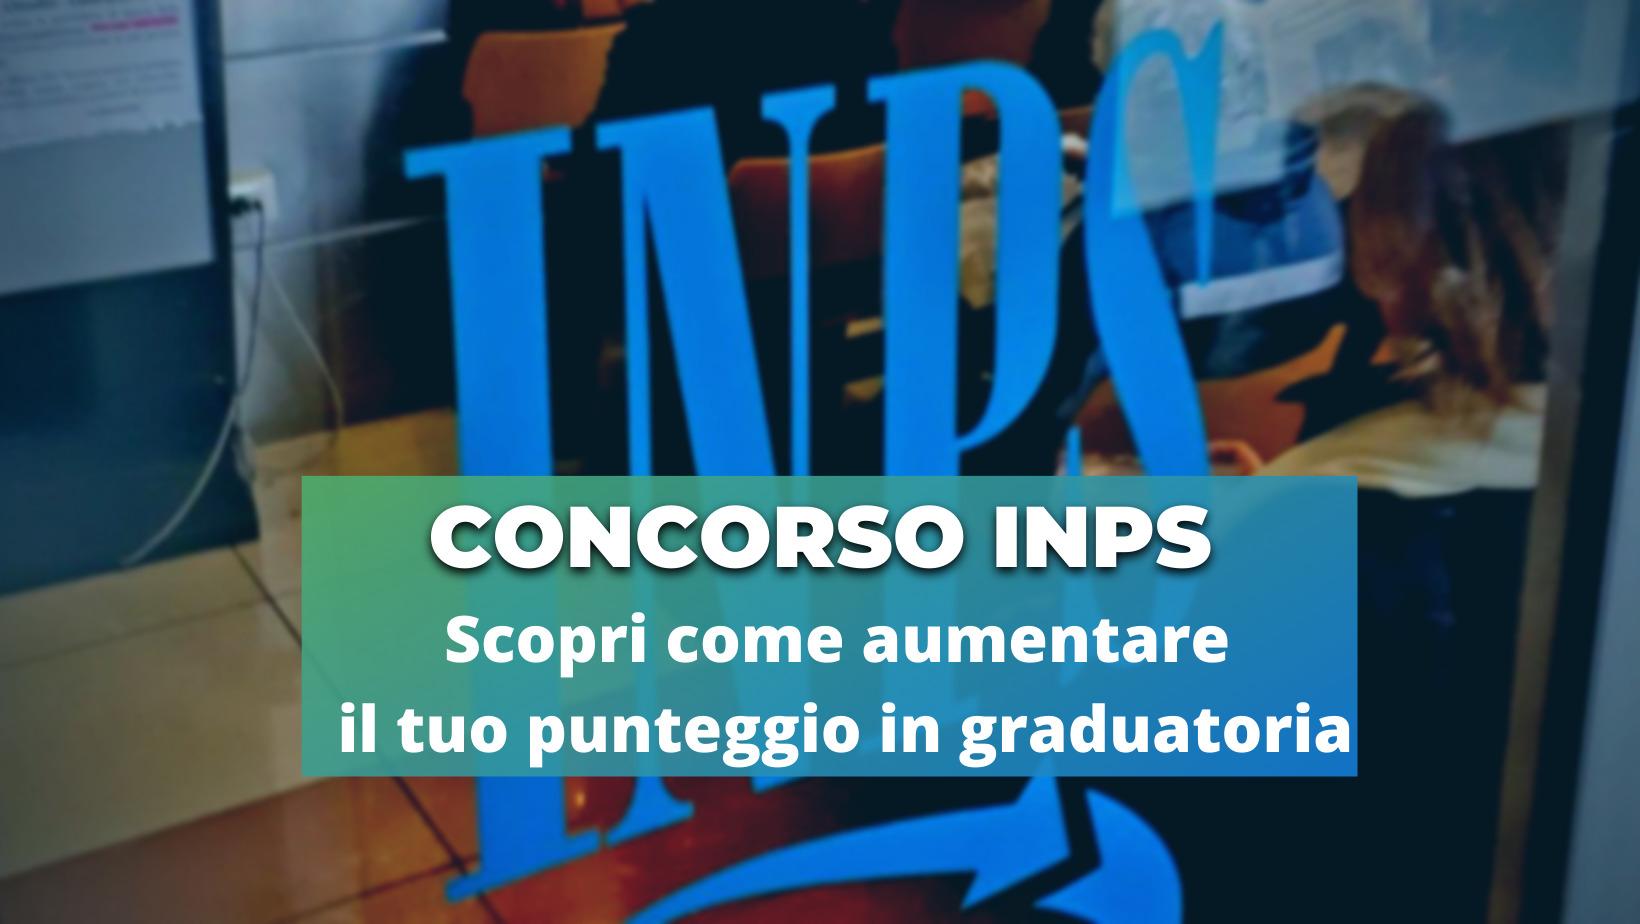 Certificazioni Concorso INPS (Copertina di Facebook)